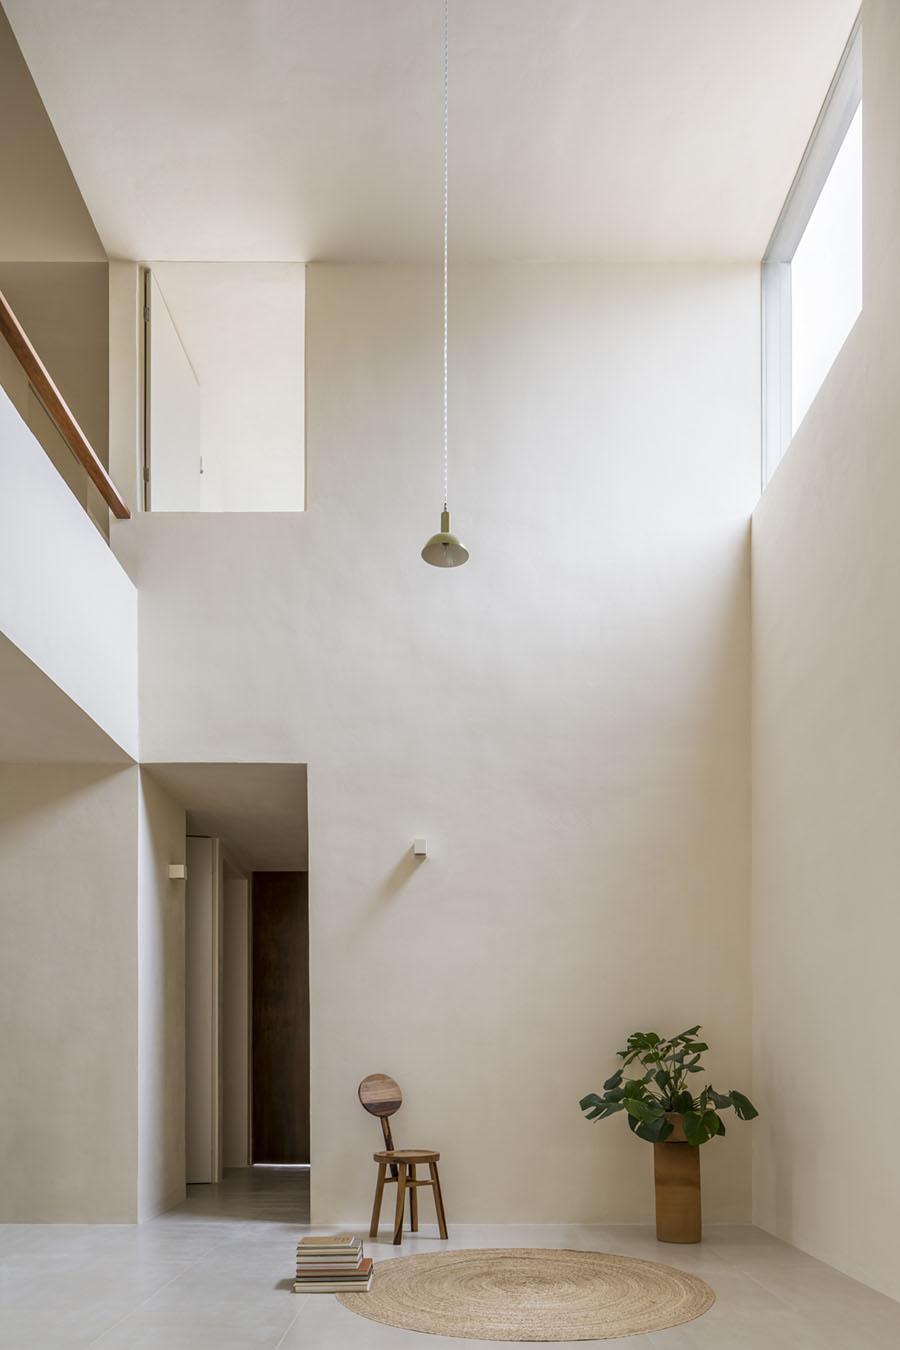 House Nizuc 01 by WEWI Studio